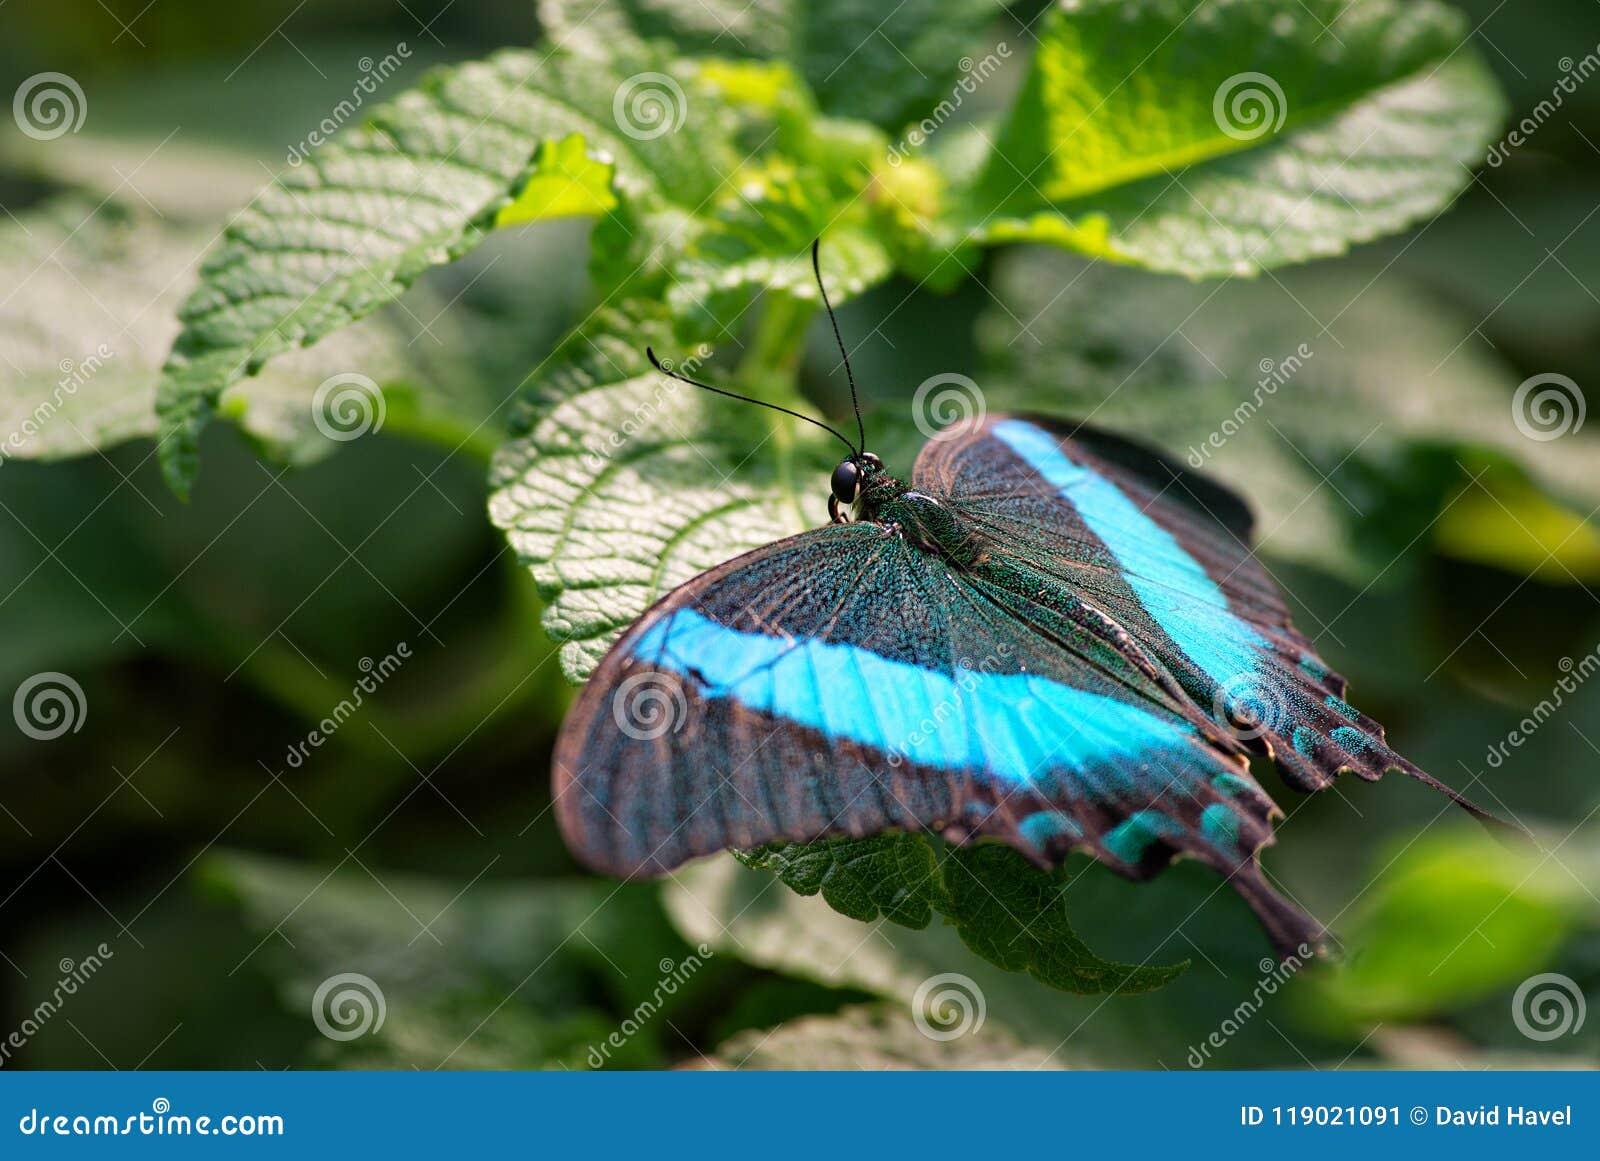 Szmaragdowy Swallowtail, Papilio palinurus -